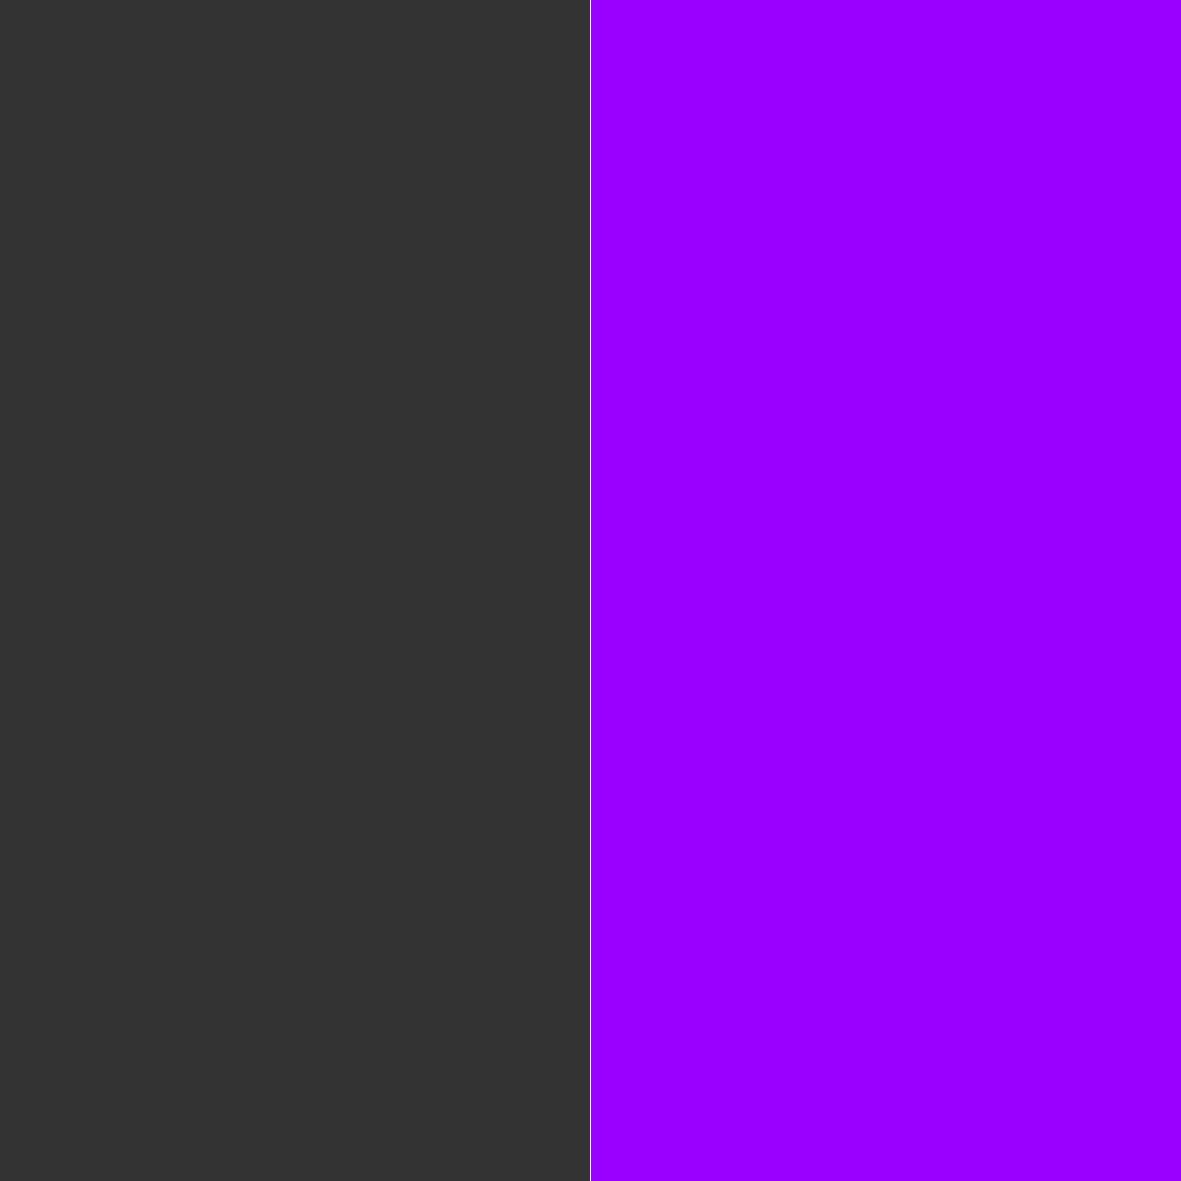 графит/фиолетовый_333333/9900FF